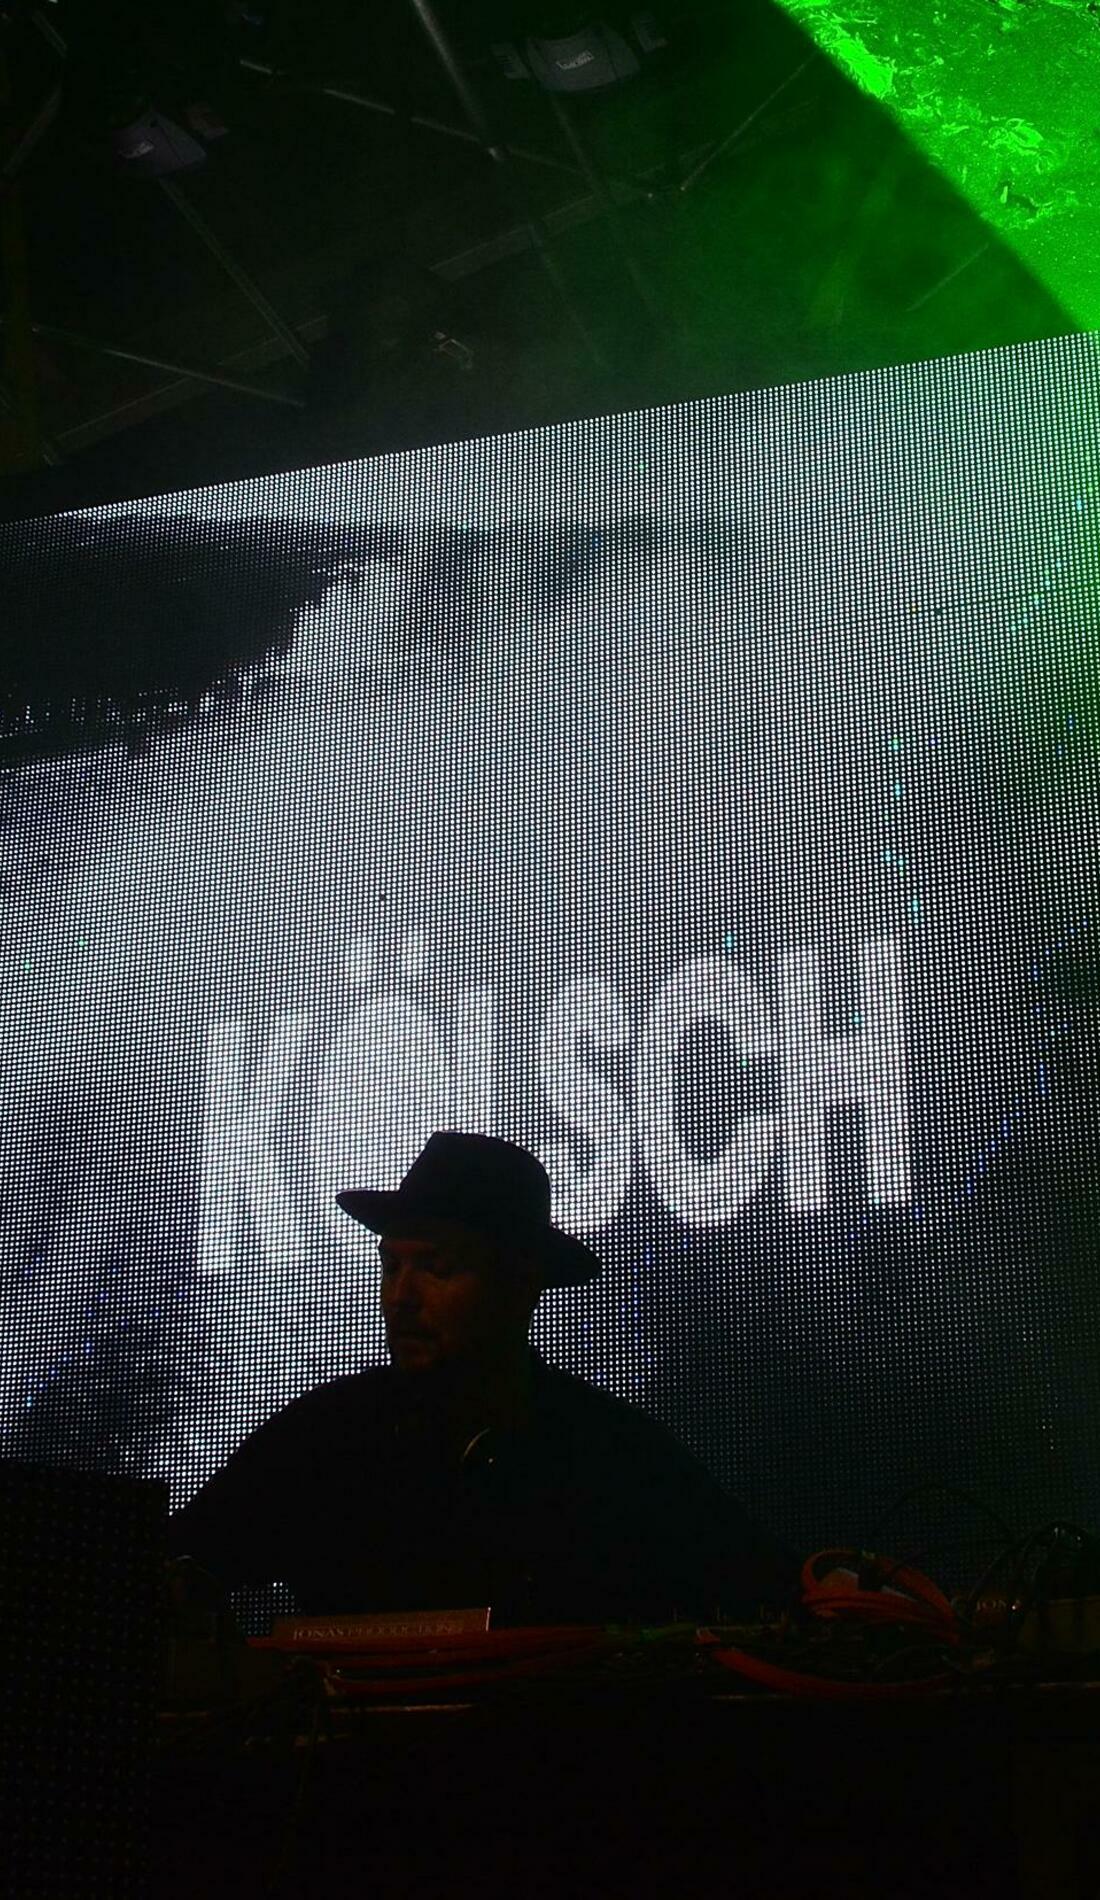 A Kolsch live event